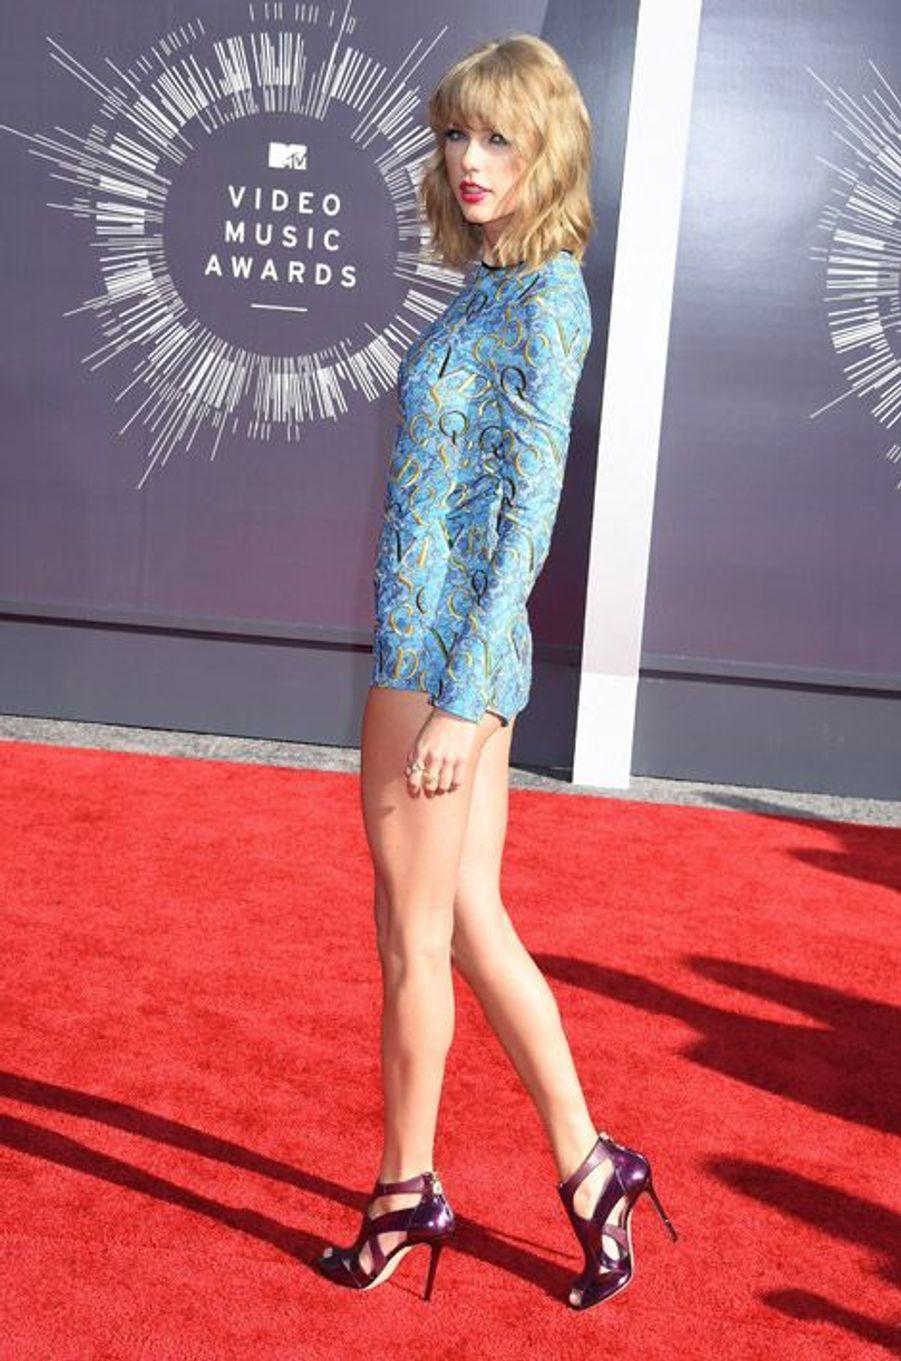 La chanteuse Taylor Swift lors des MTV Video Music Awards, le 24 août 2014